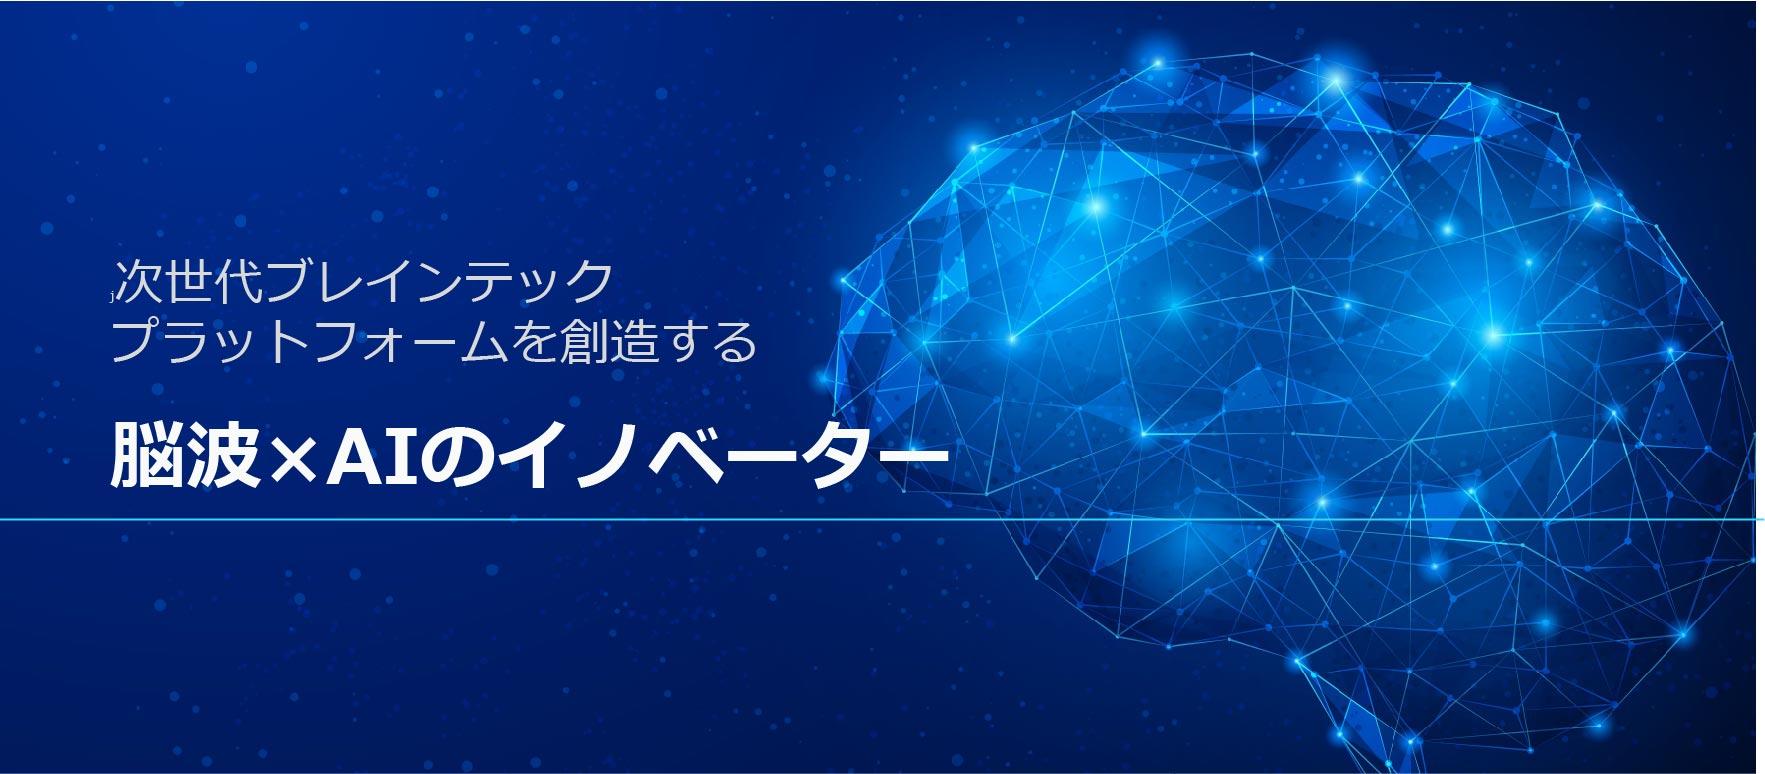 Main_Image_jp